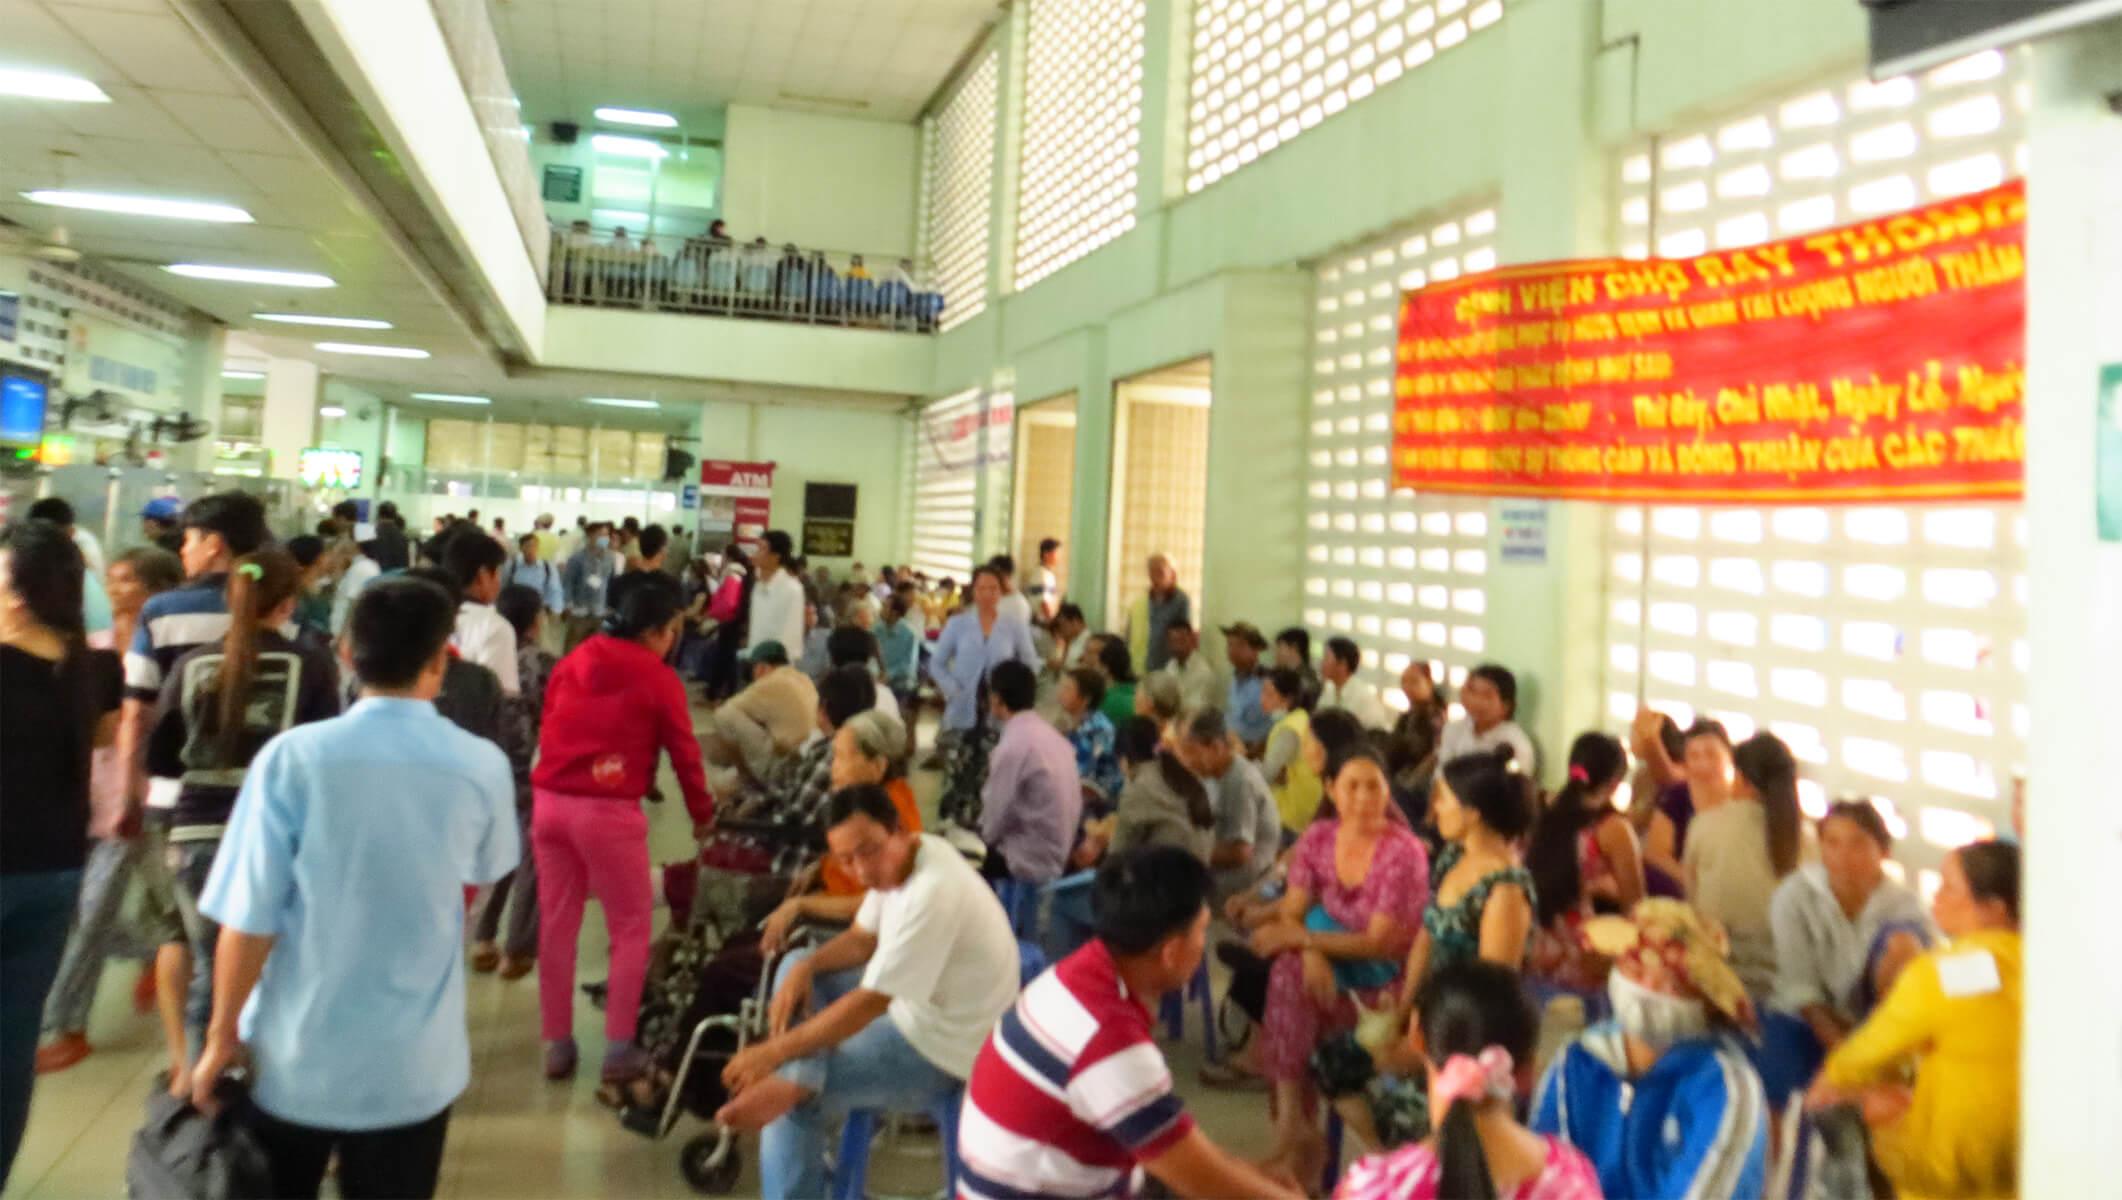 Famulatur in Vietnam